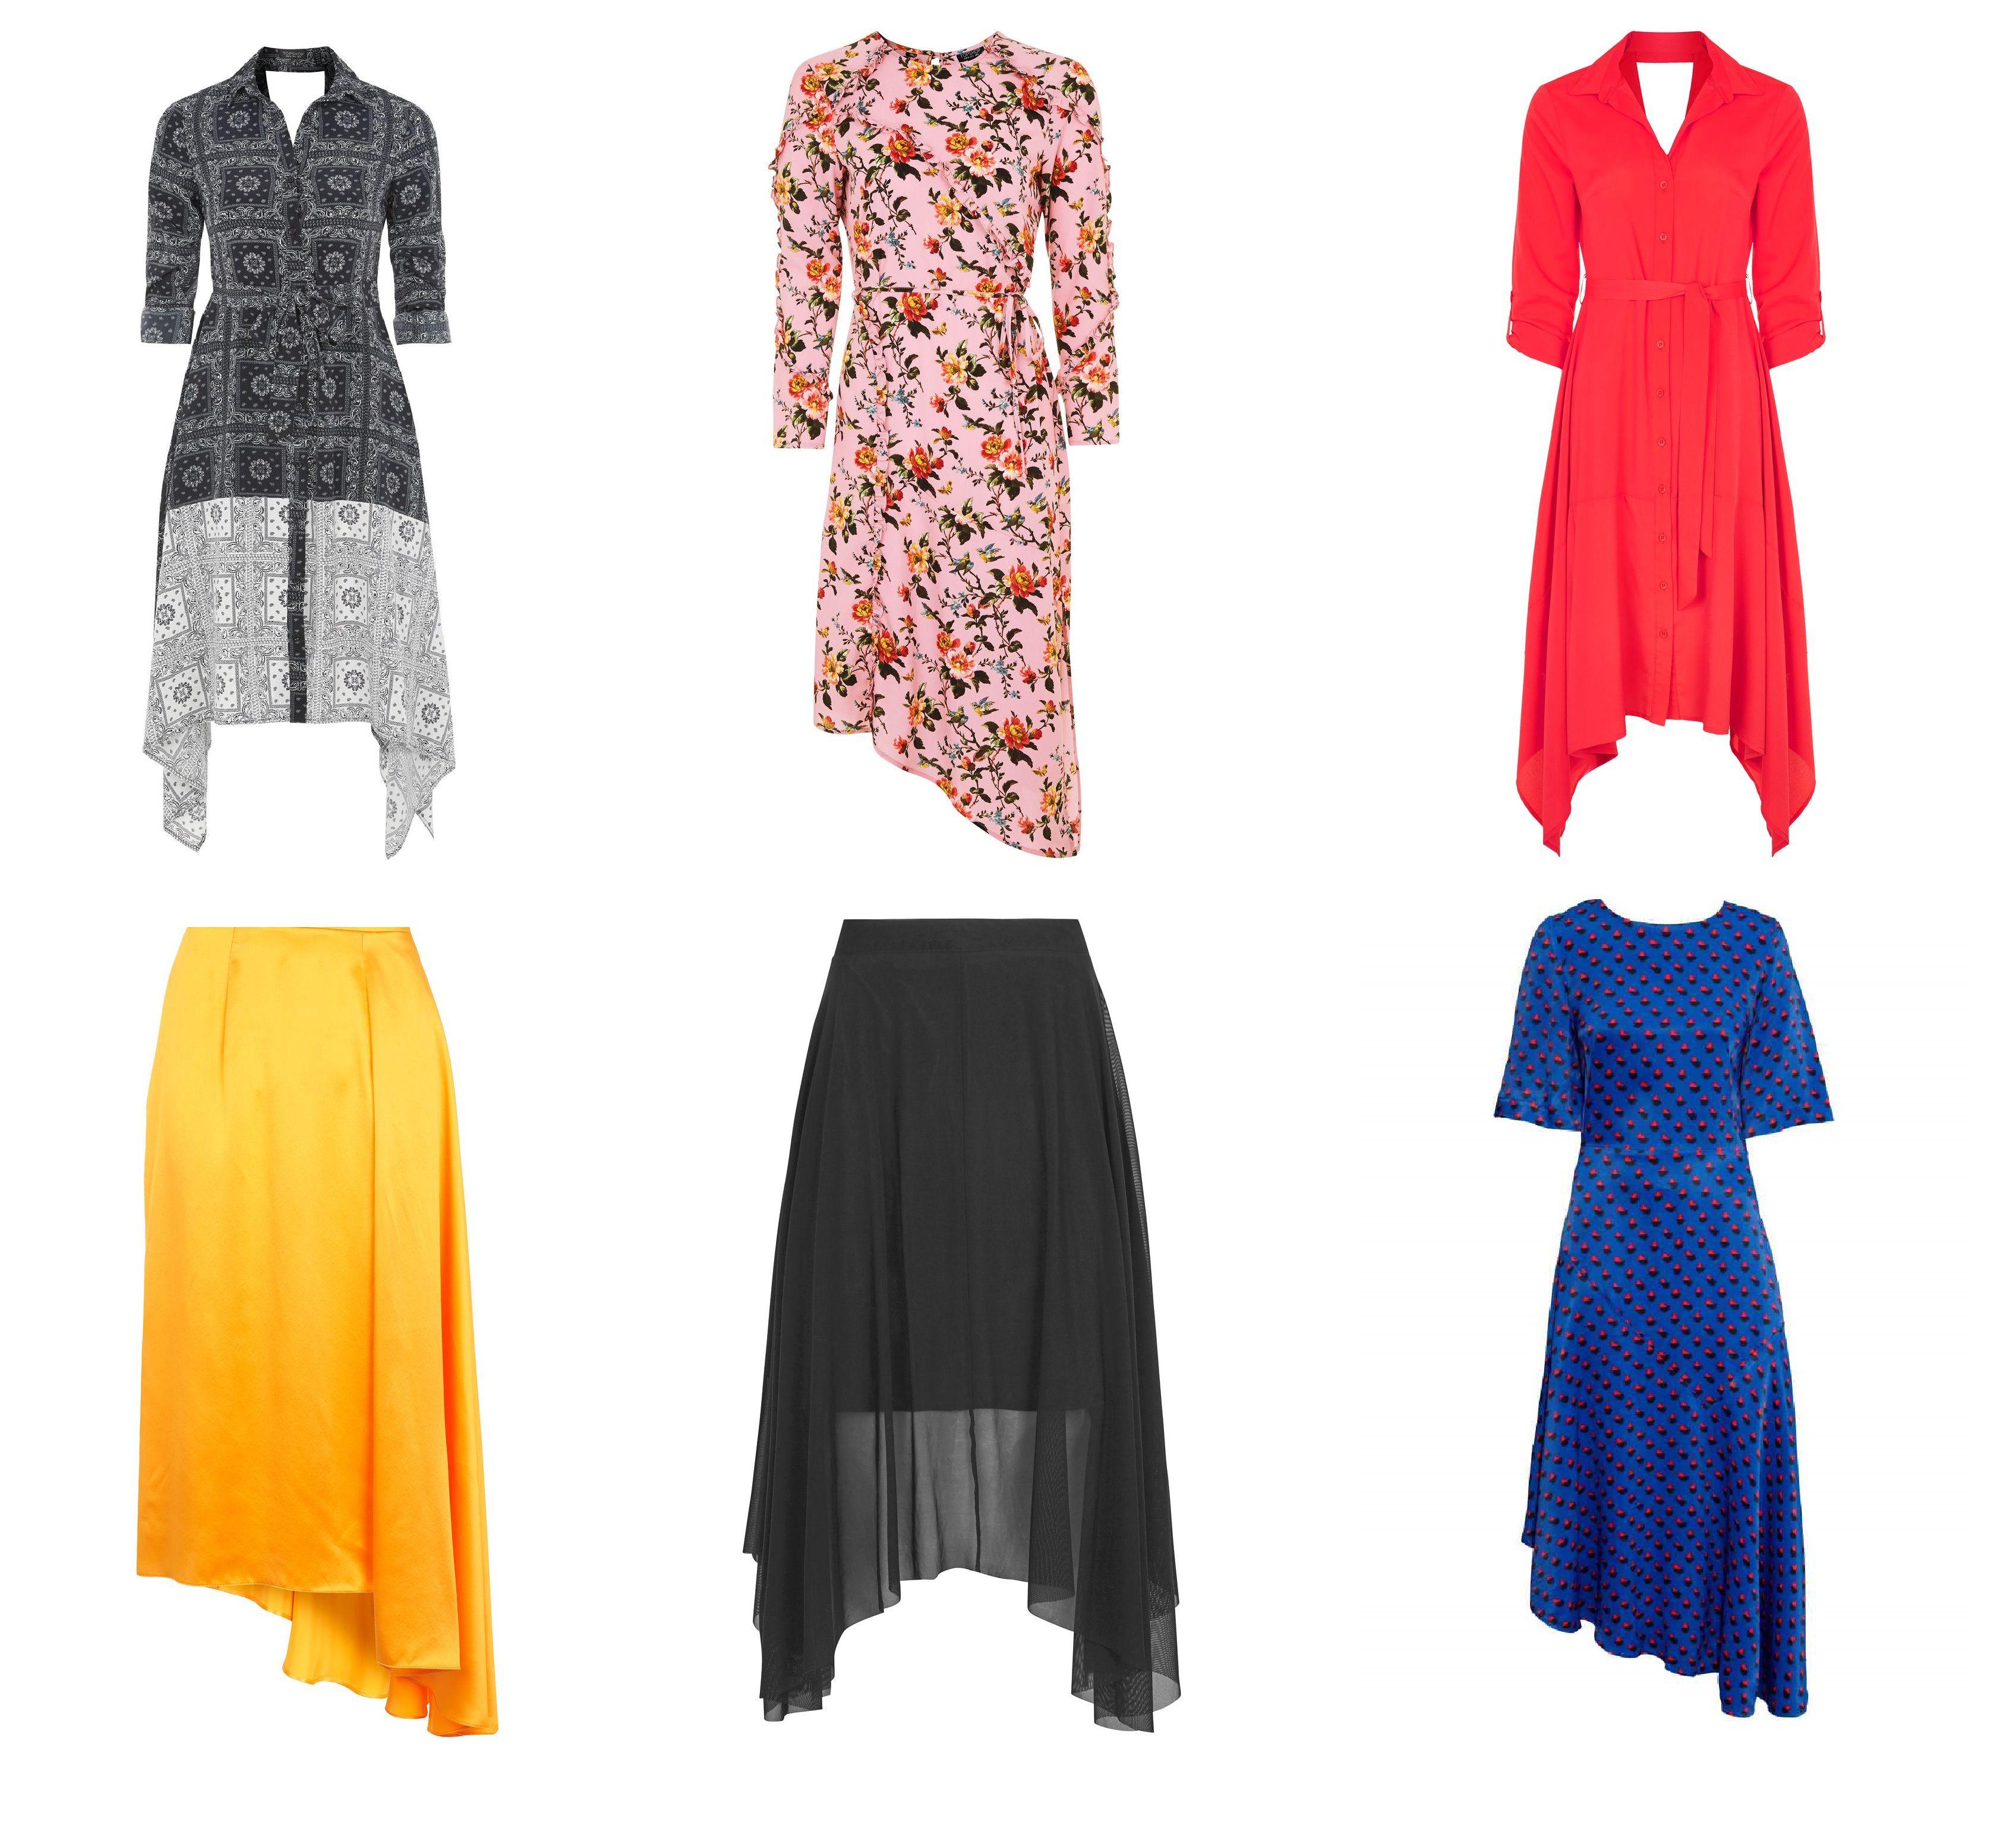 Vraćaju li se asimetrične haljine u modu?